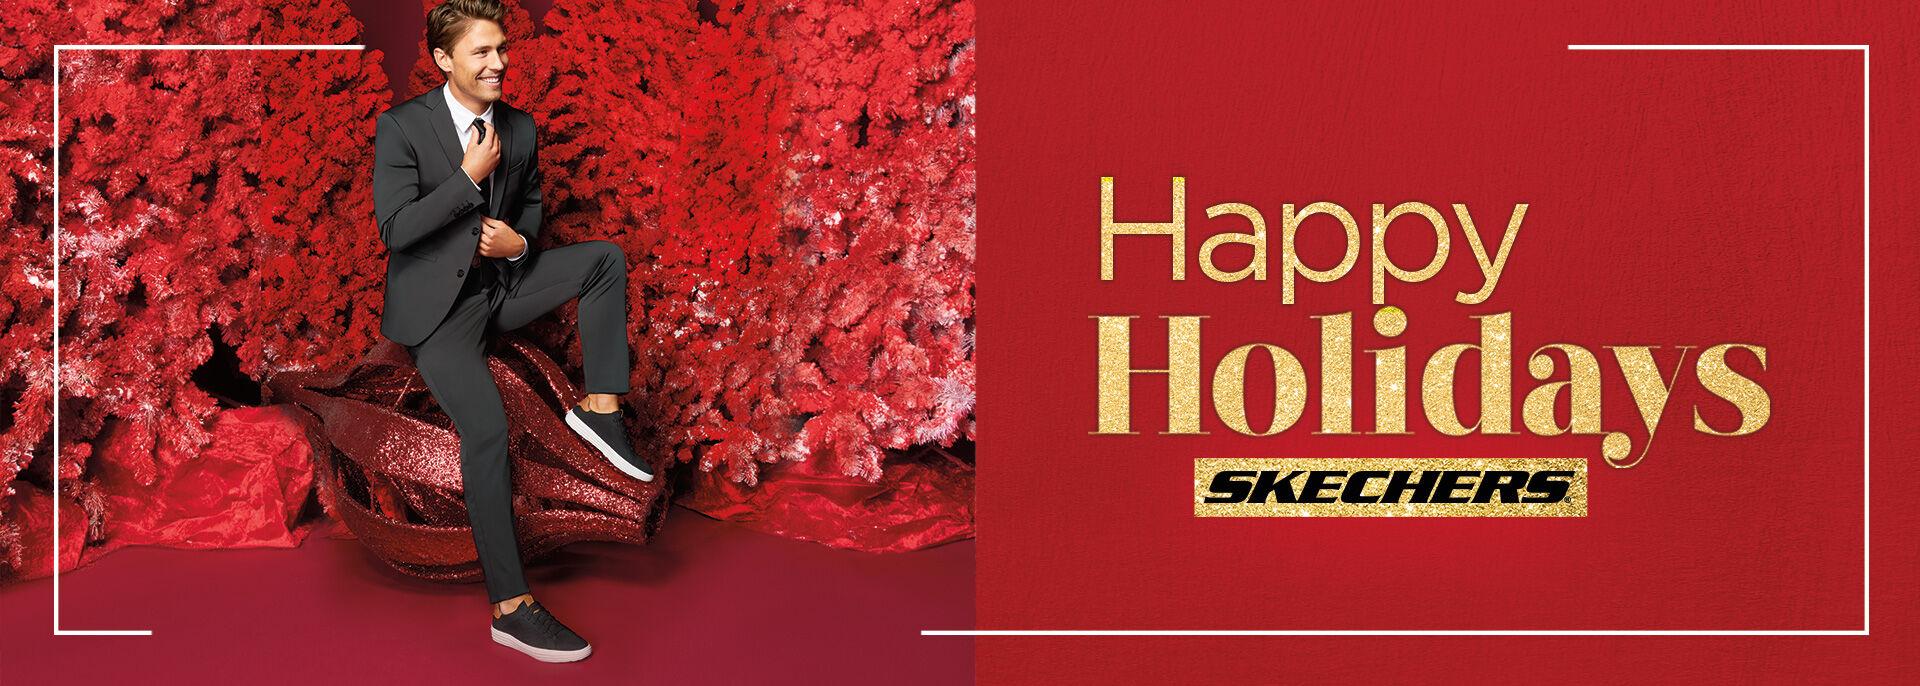 navidad_holidays_hombre_skechers_1920X686.jpg